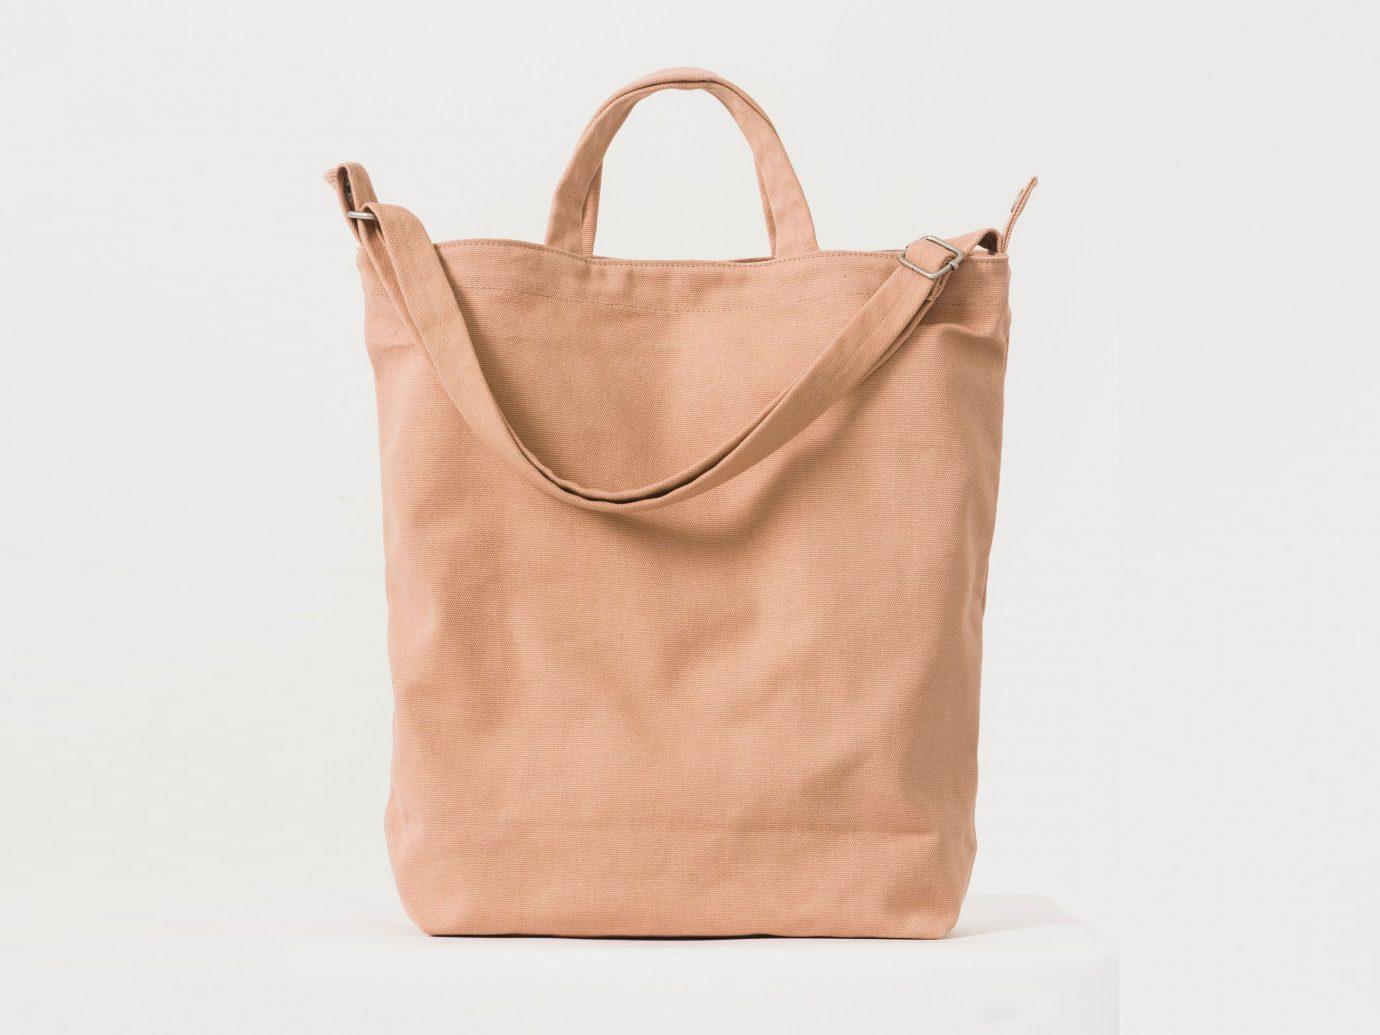 Baggu Duck Bag tote bag